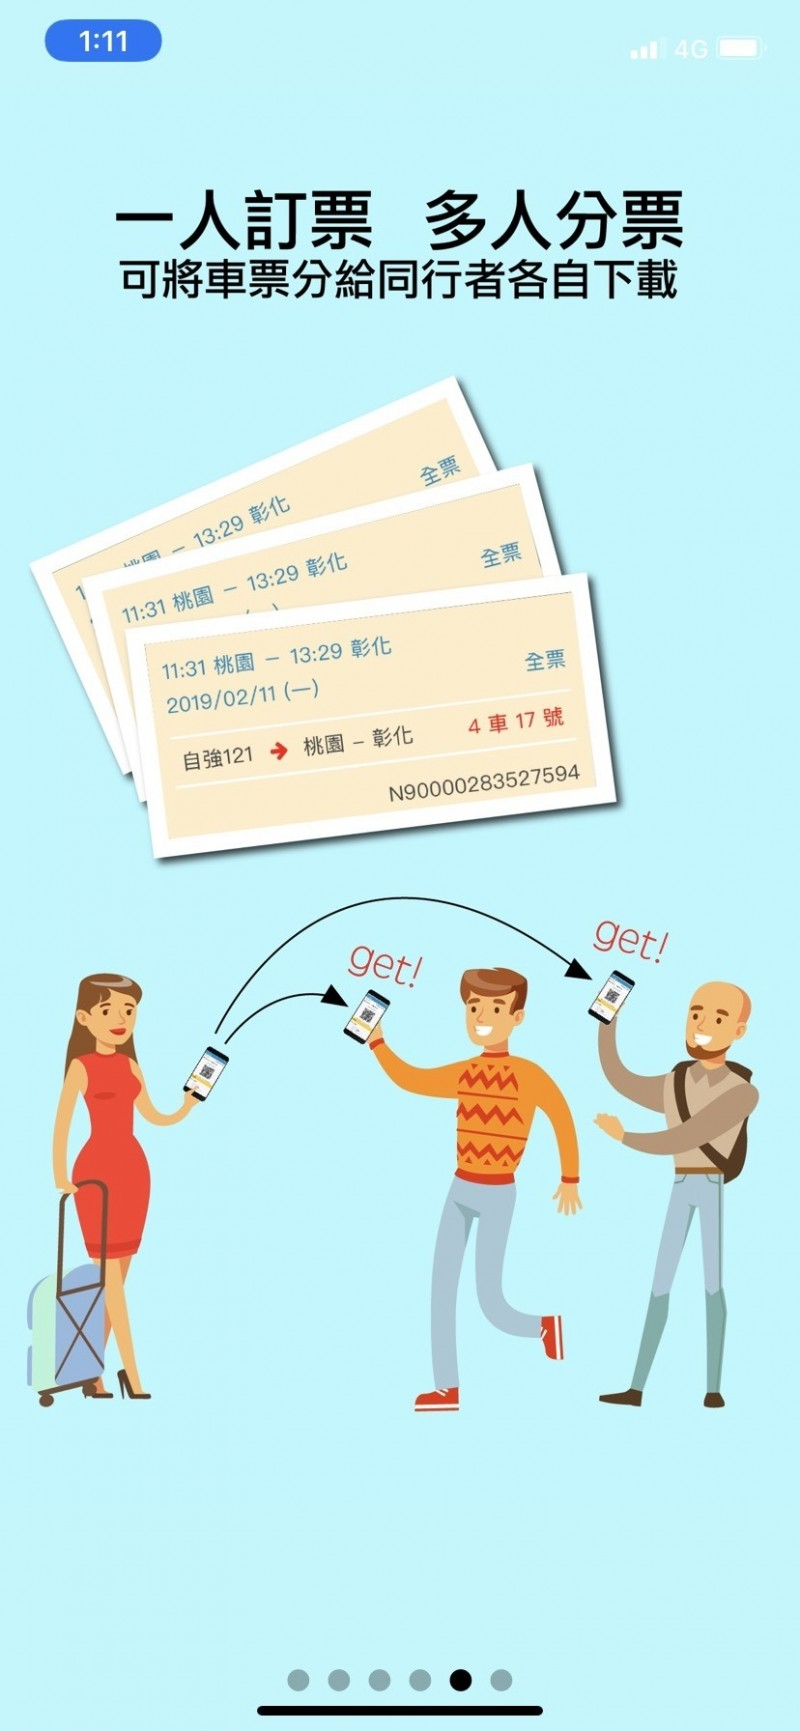 台鐵官方版「台鐵e訂通」APP改版,提供無紙化電子票券與多人分票功能。(翻攝自「台鐵e訂通」)